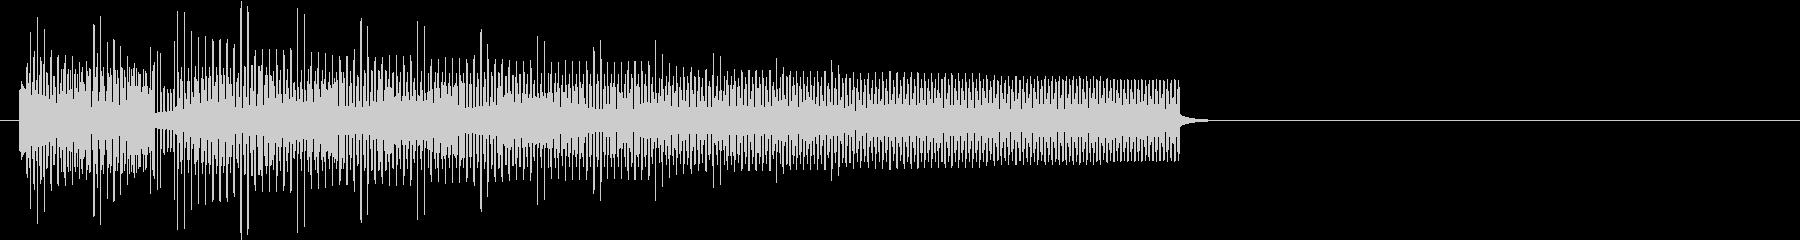 8bitでブブー!ハズレの音の未再生の波形